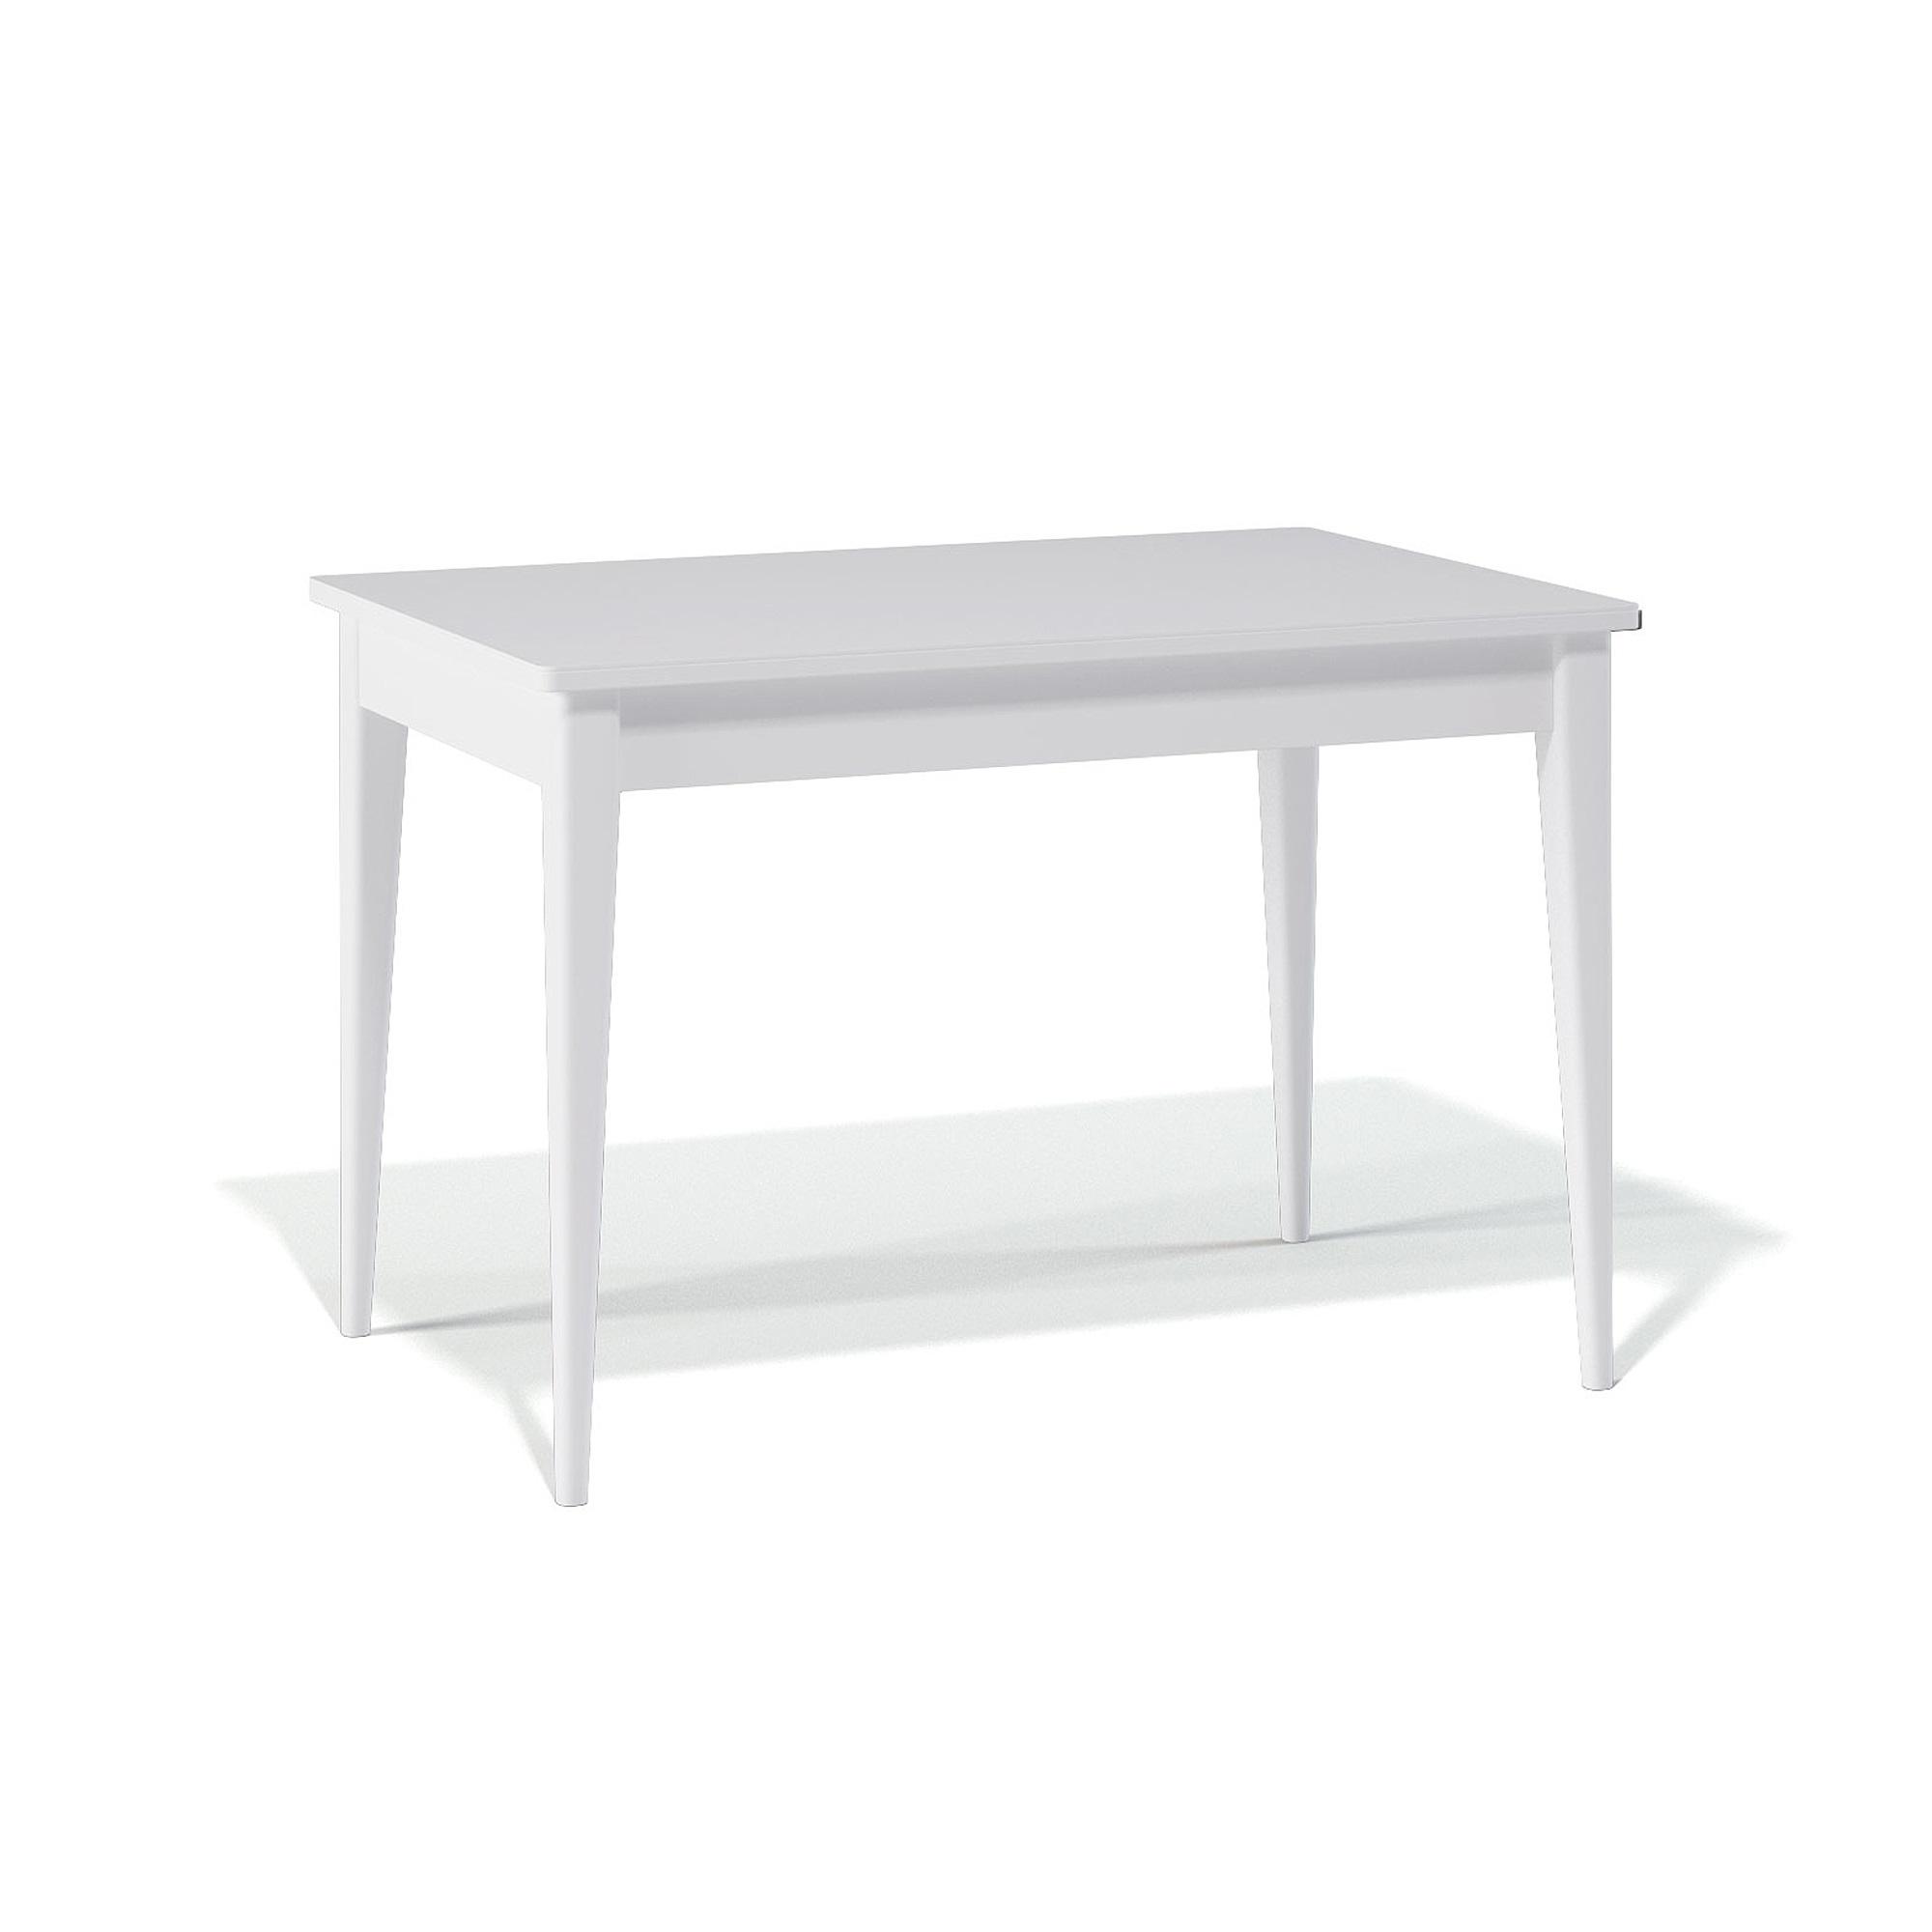 Стол обеденный KennerОбеденные столы<br>Изюминка и оригинальность этого стола заключается в его механизме раскладки. Раскладка происходит вместе с опорами - такой механизм называется &amp;quot;телескоп&amp;quot; - очень удобно и быстро можно организовать дополнительное место для гостей.&amp;amp;nbsp;&amp;lt;div&amp;gt;&amp;lt;br&amp;gt;&amp;lt;/div&amp;gt;&amp;lt;div&amp;gt;Столешница стола выполнена из стекла (4 мм)+лдсп, ножки стола - массив бука.&amp;amp;nbsp;&amp;lt;/div&amp;gt;&amp;lt;div&amp;gt;За столом свободно поместится от 6 до 8 человек.&amp;amp;nbsp;&amp;lt;/div&amp;gt;&amp;lt;div&amp;gt;Размеры разложенной столешницы: 170х80 см.&amp;lt;/div&amp;gt;<br><br>Material: Дерево<br>Ширина см: 120.0<br>Высота см: 76.0<br>Глубина см: 80.0